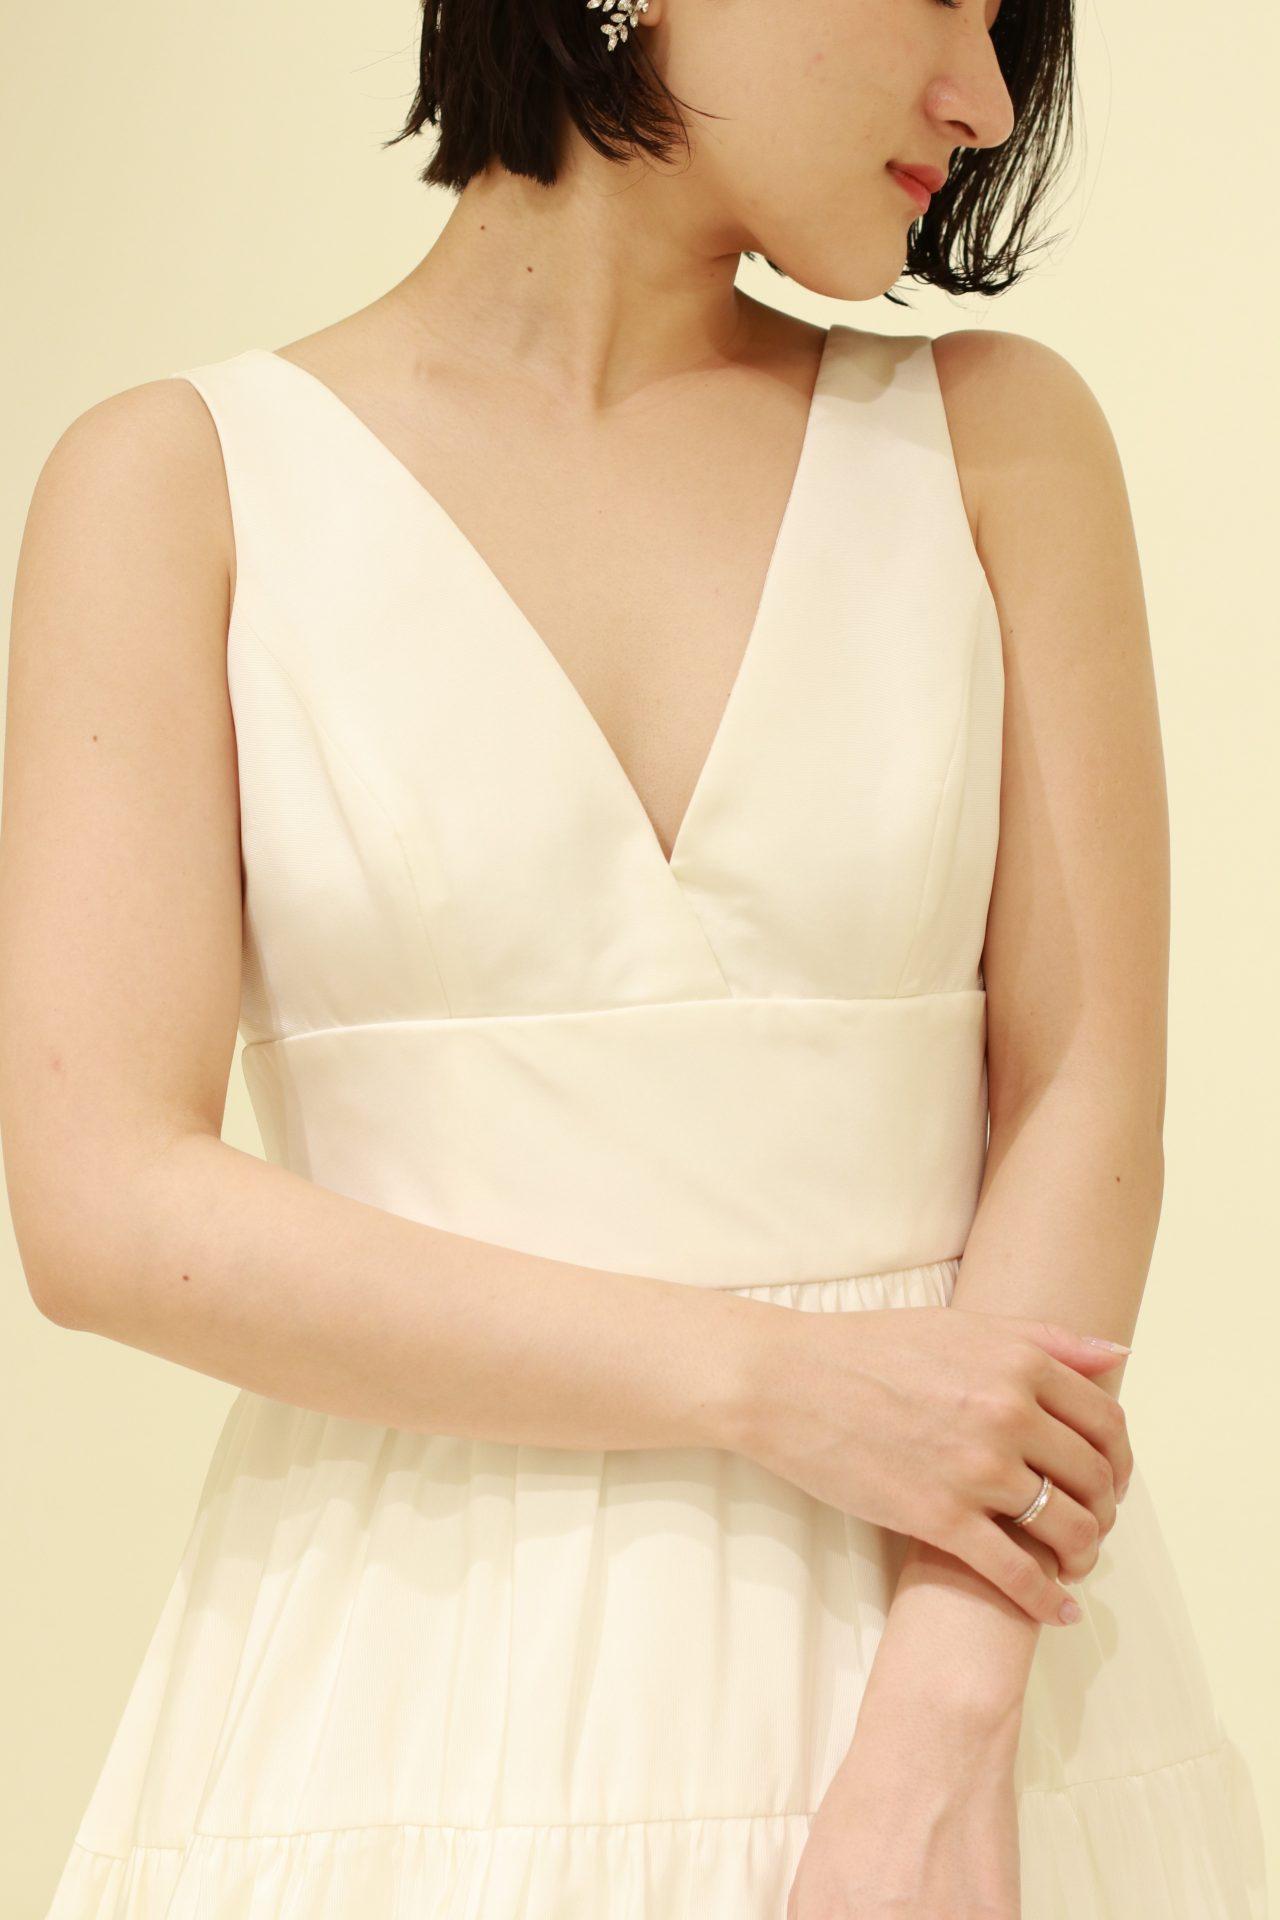 ストレート体型を活かすアムサーラのドレスは、ウエストが絞られたスリムな印象で、厚みのある上半身から、胸元にかけてをすっきり魅せることができるVネックのデザインです